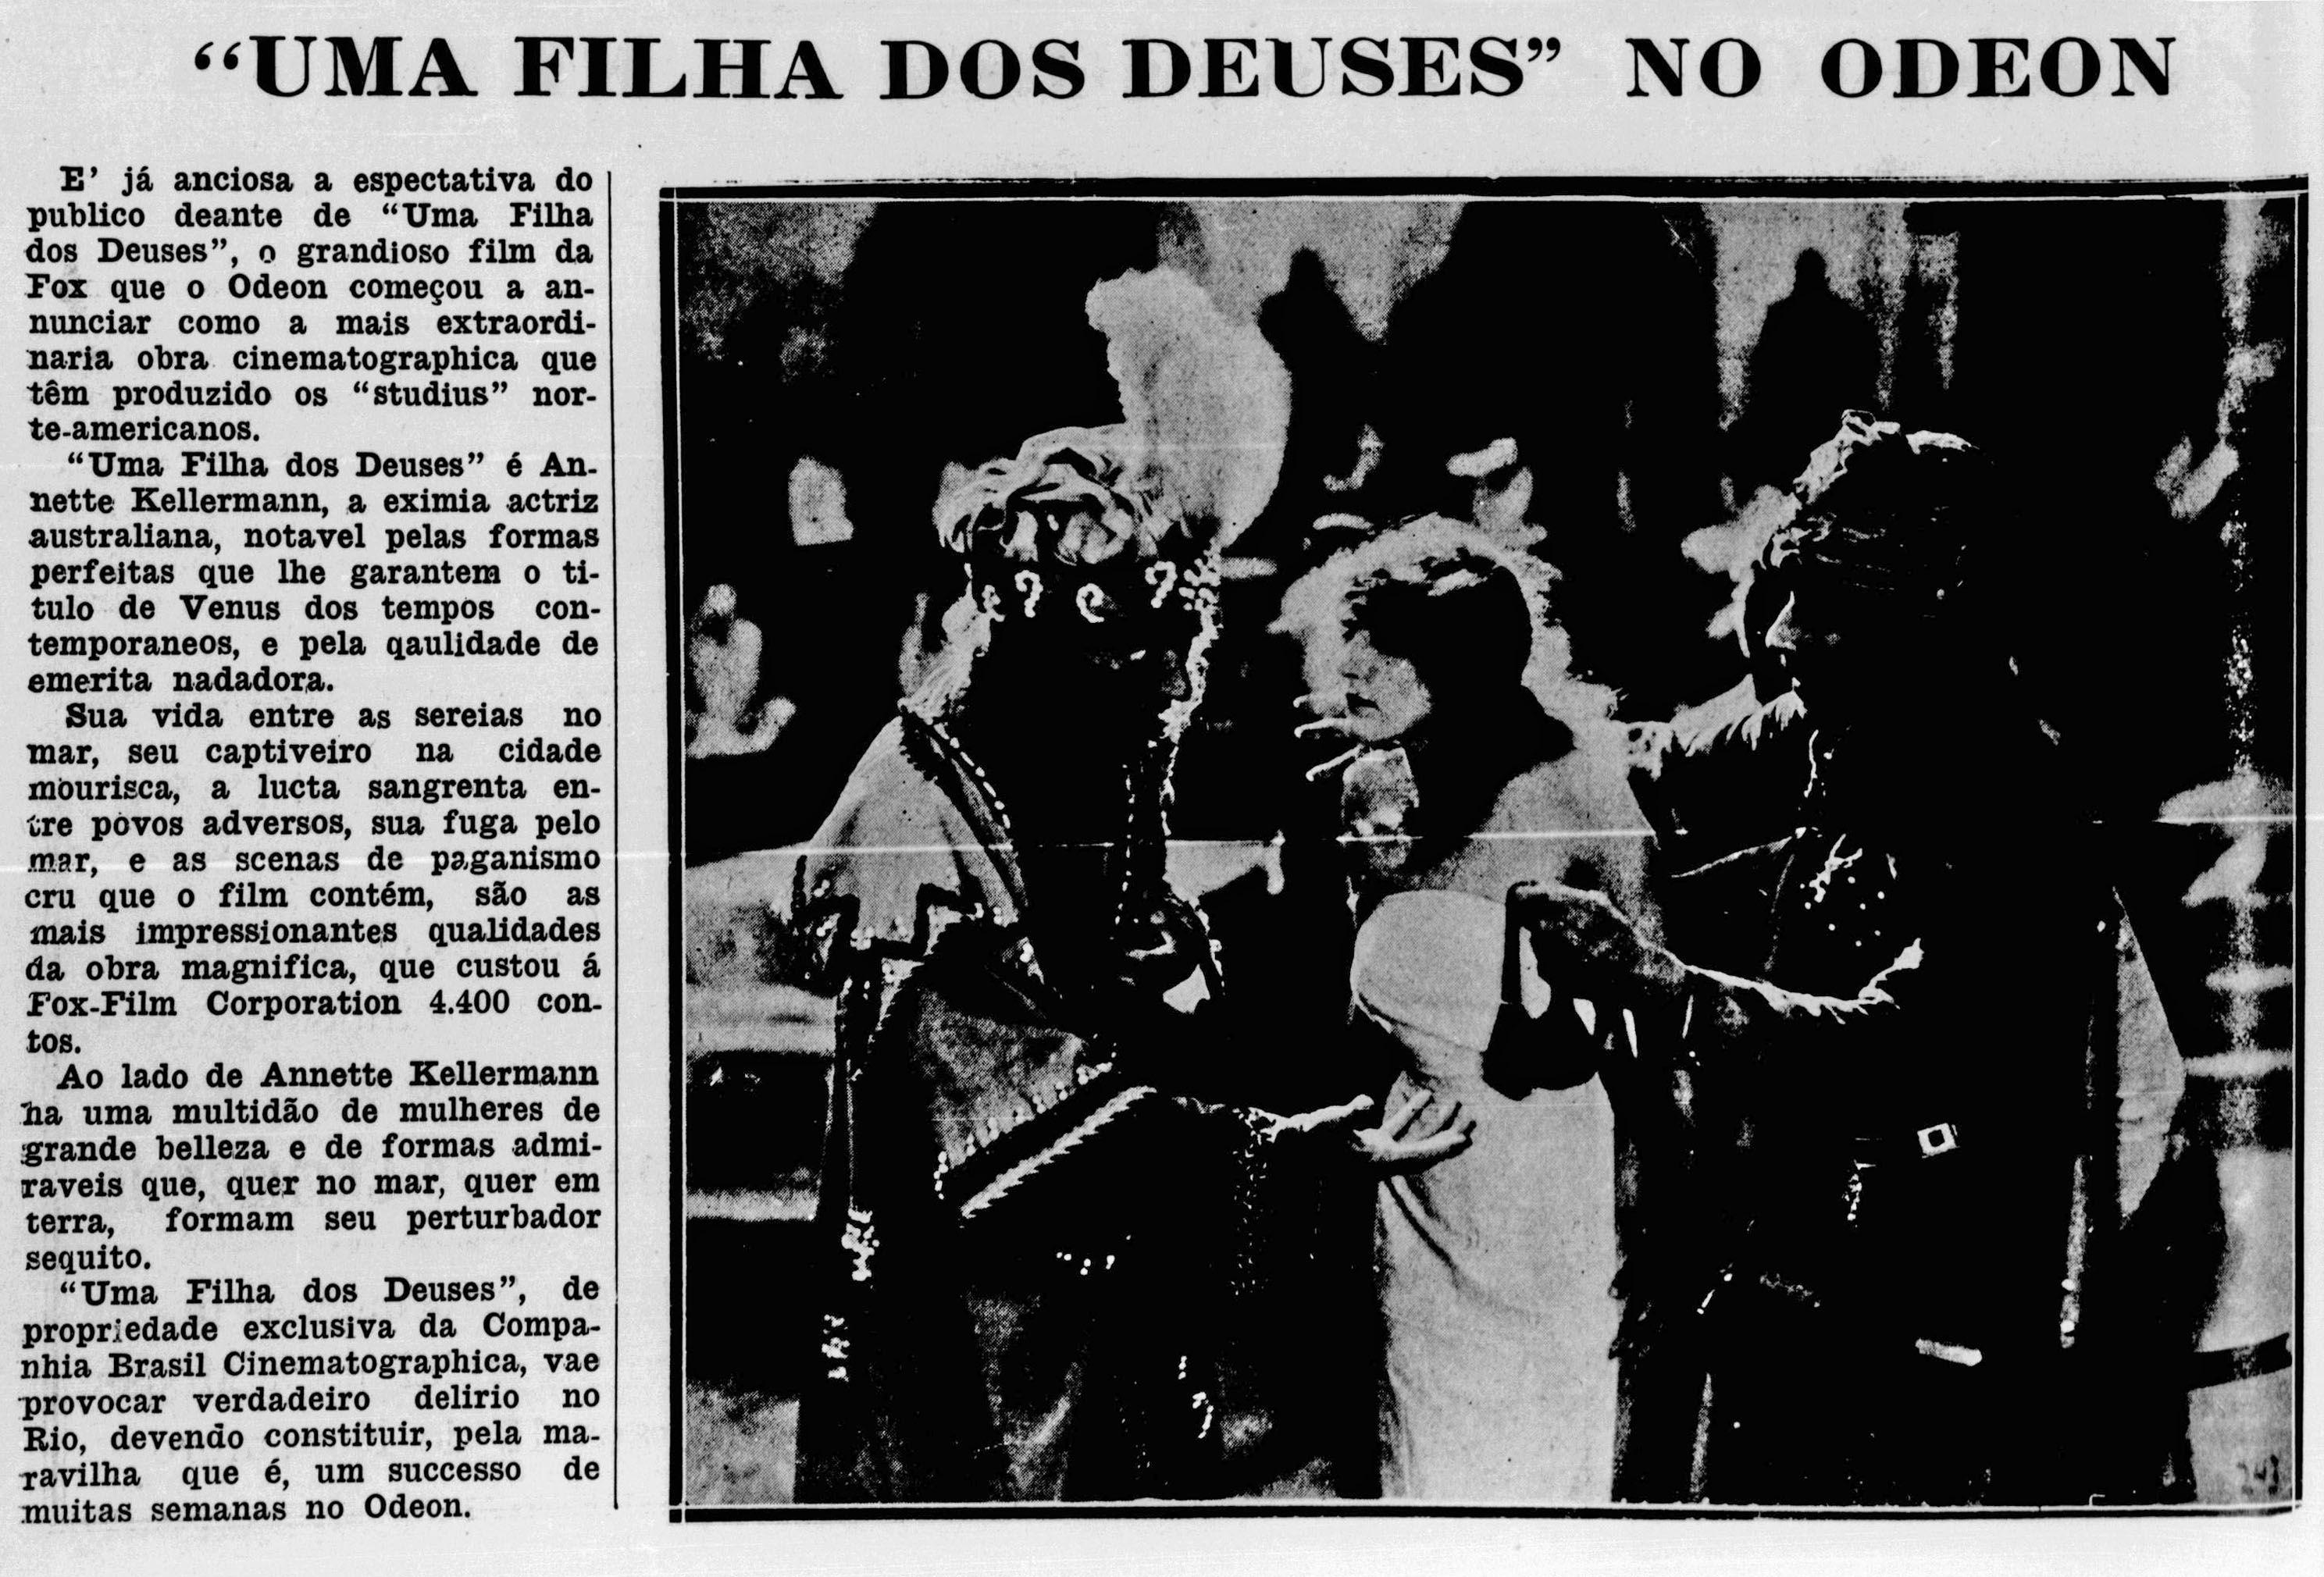 1916 - A DAUGHTER OF THE GODS - Herbert Brenon - (PALCOS E TELAS, May 16, 1918, Rio de Janeiro, Brazil)